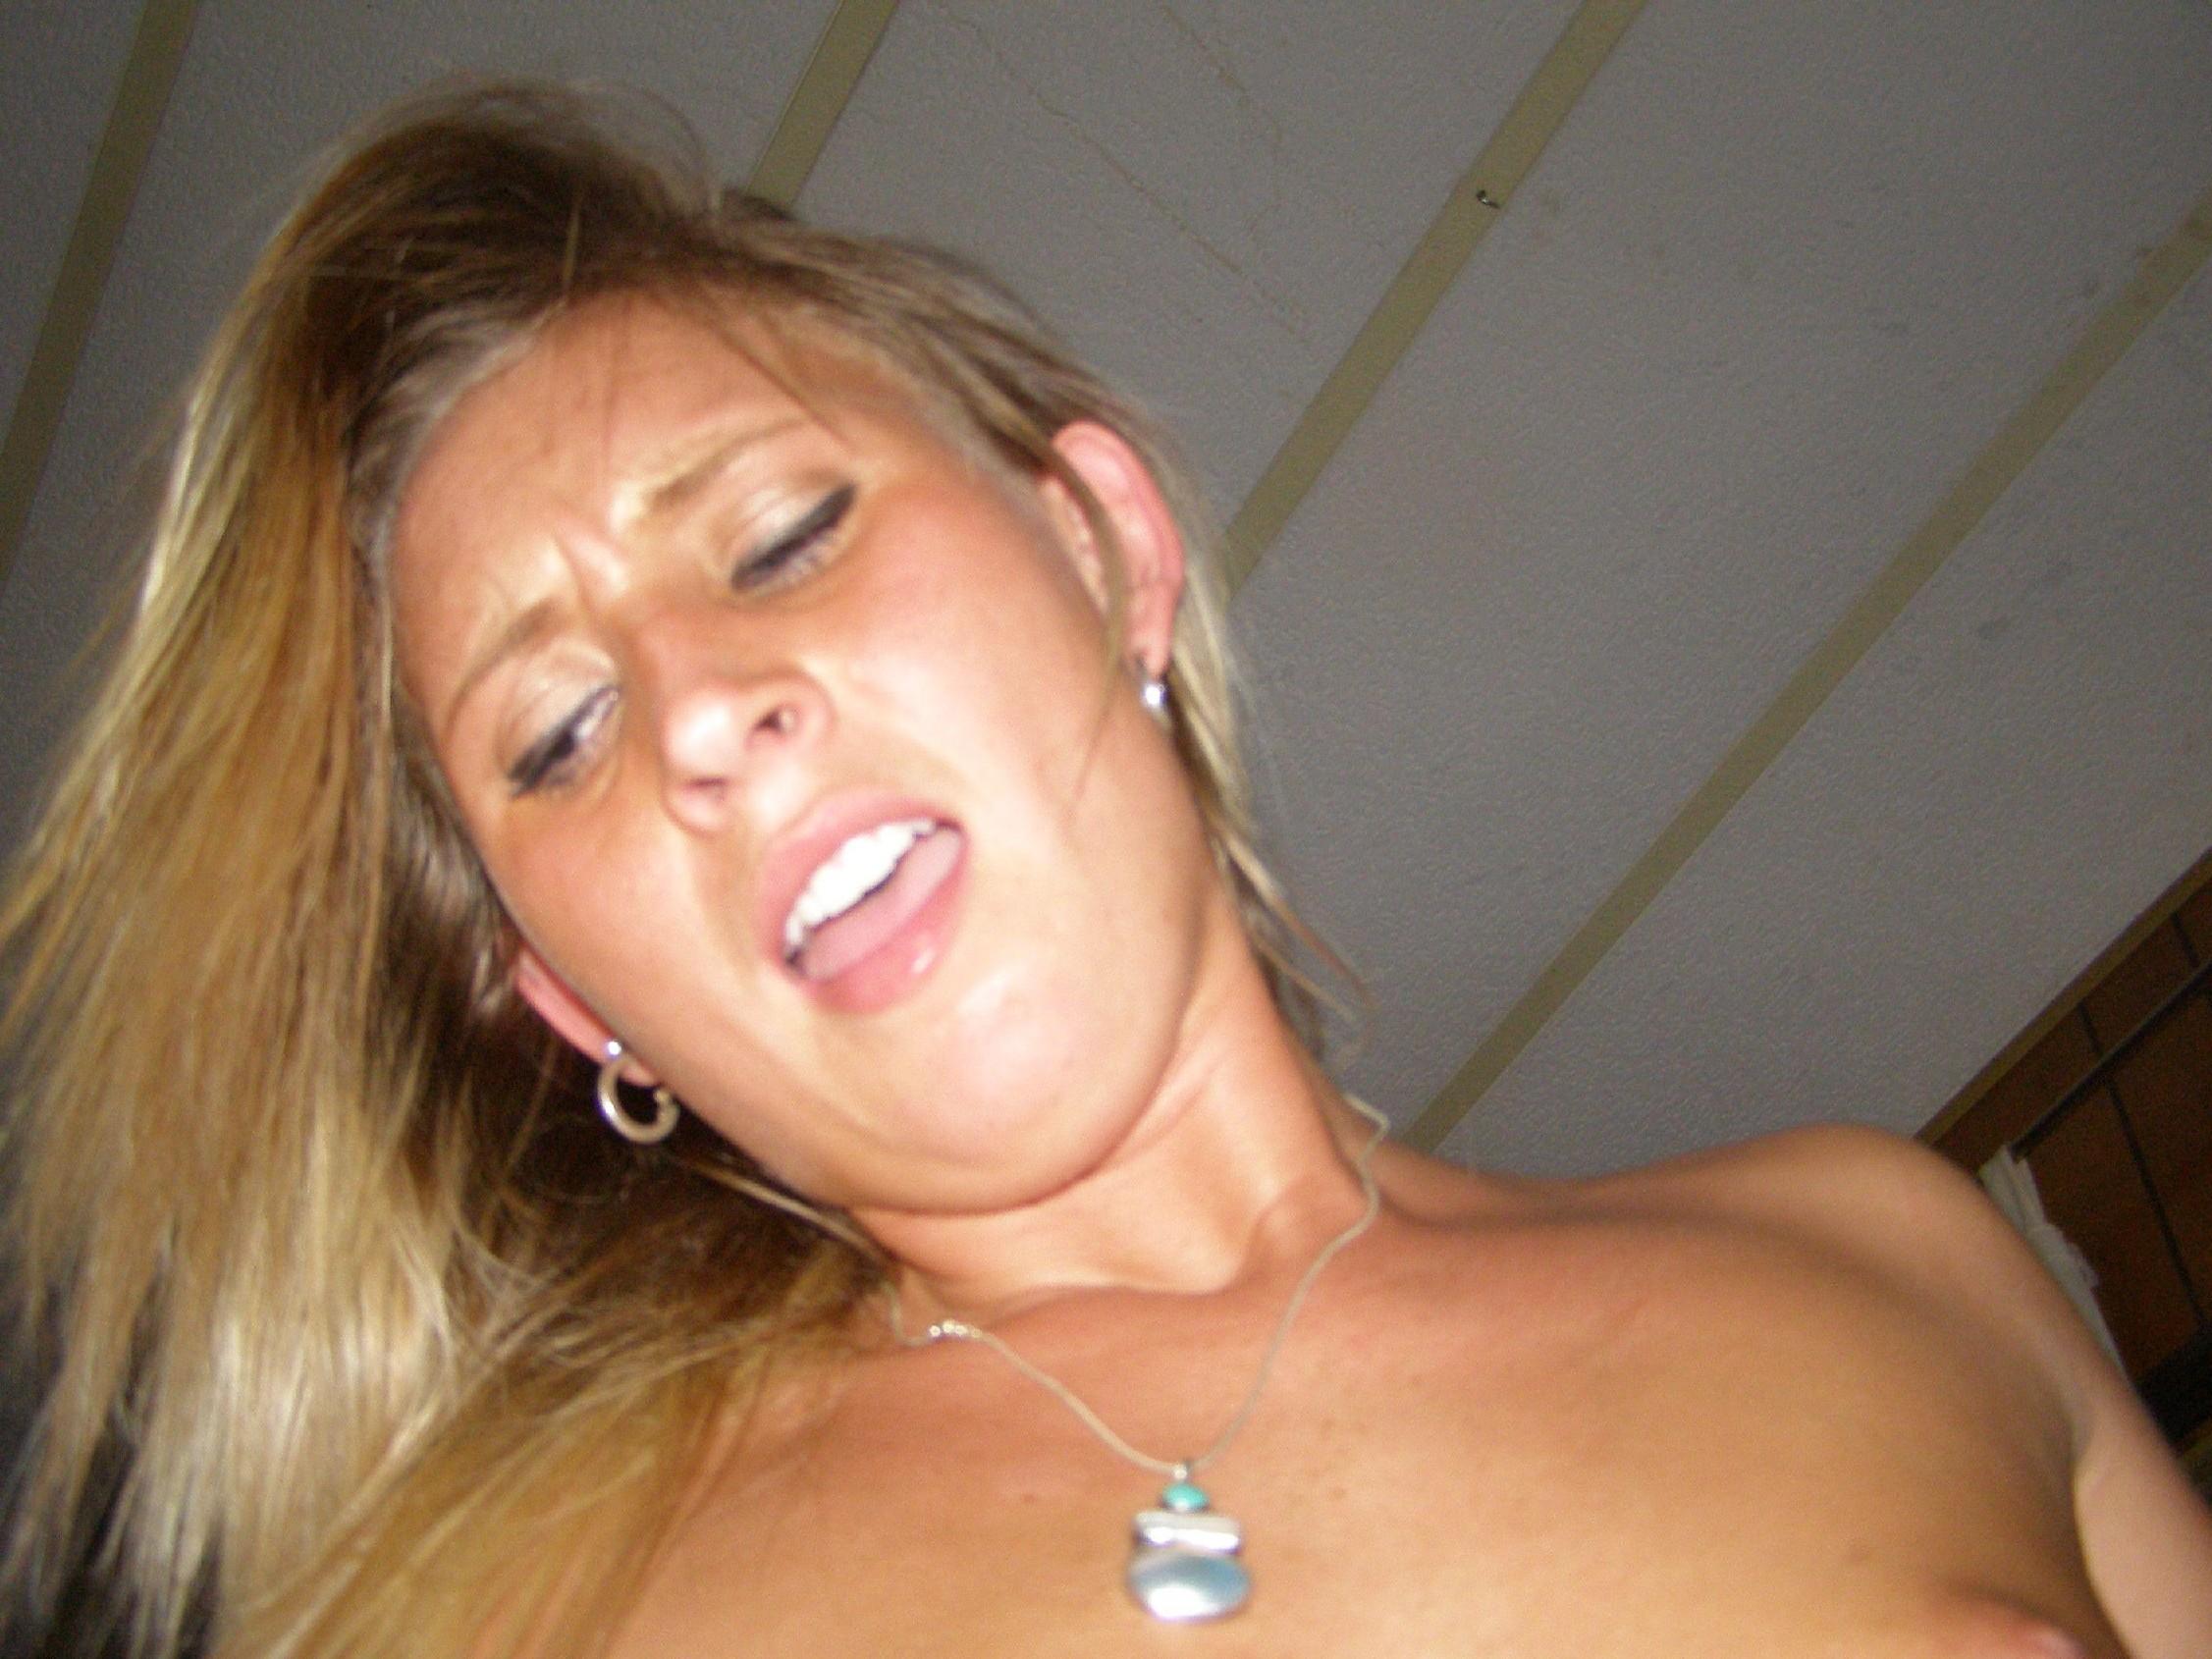 Еще одна блондинка, которая любит сосать и позировать голой